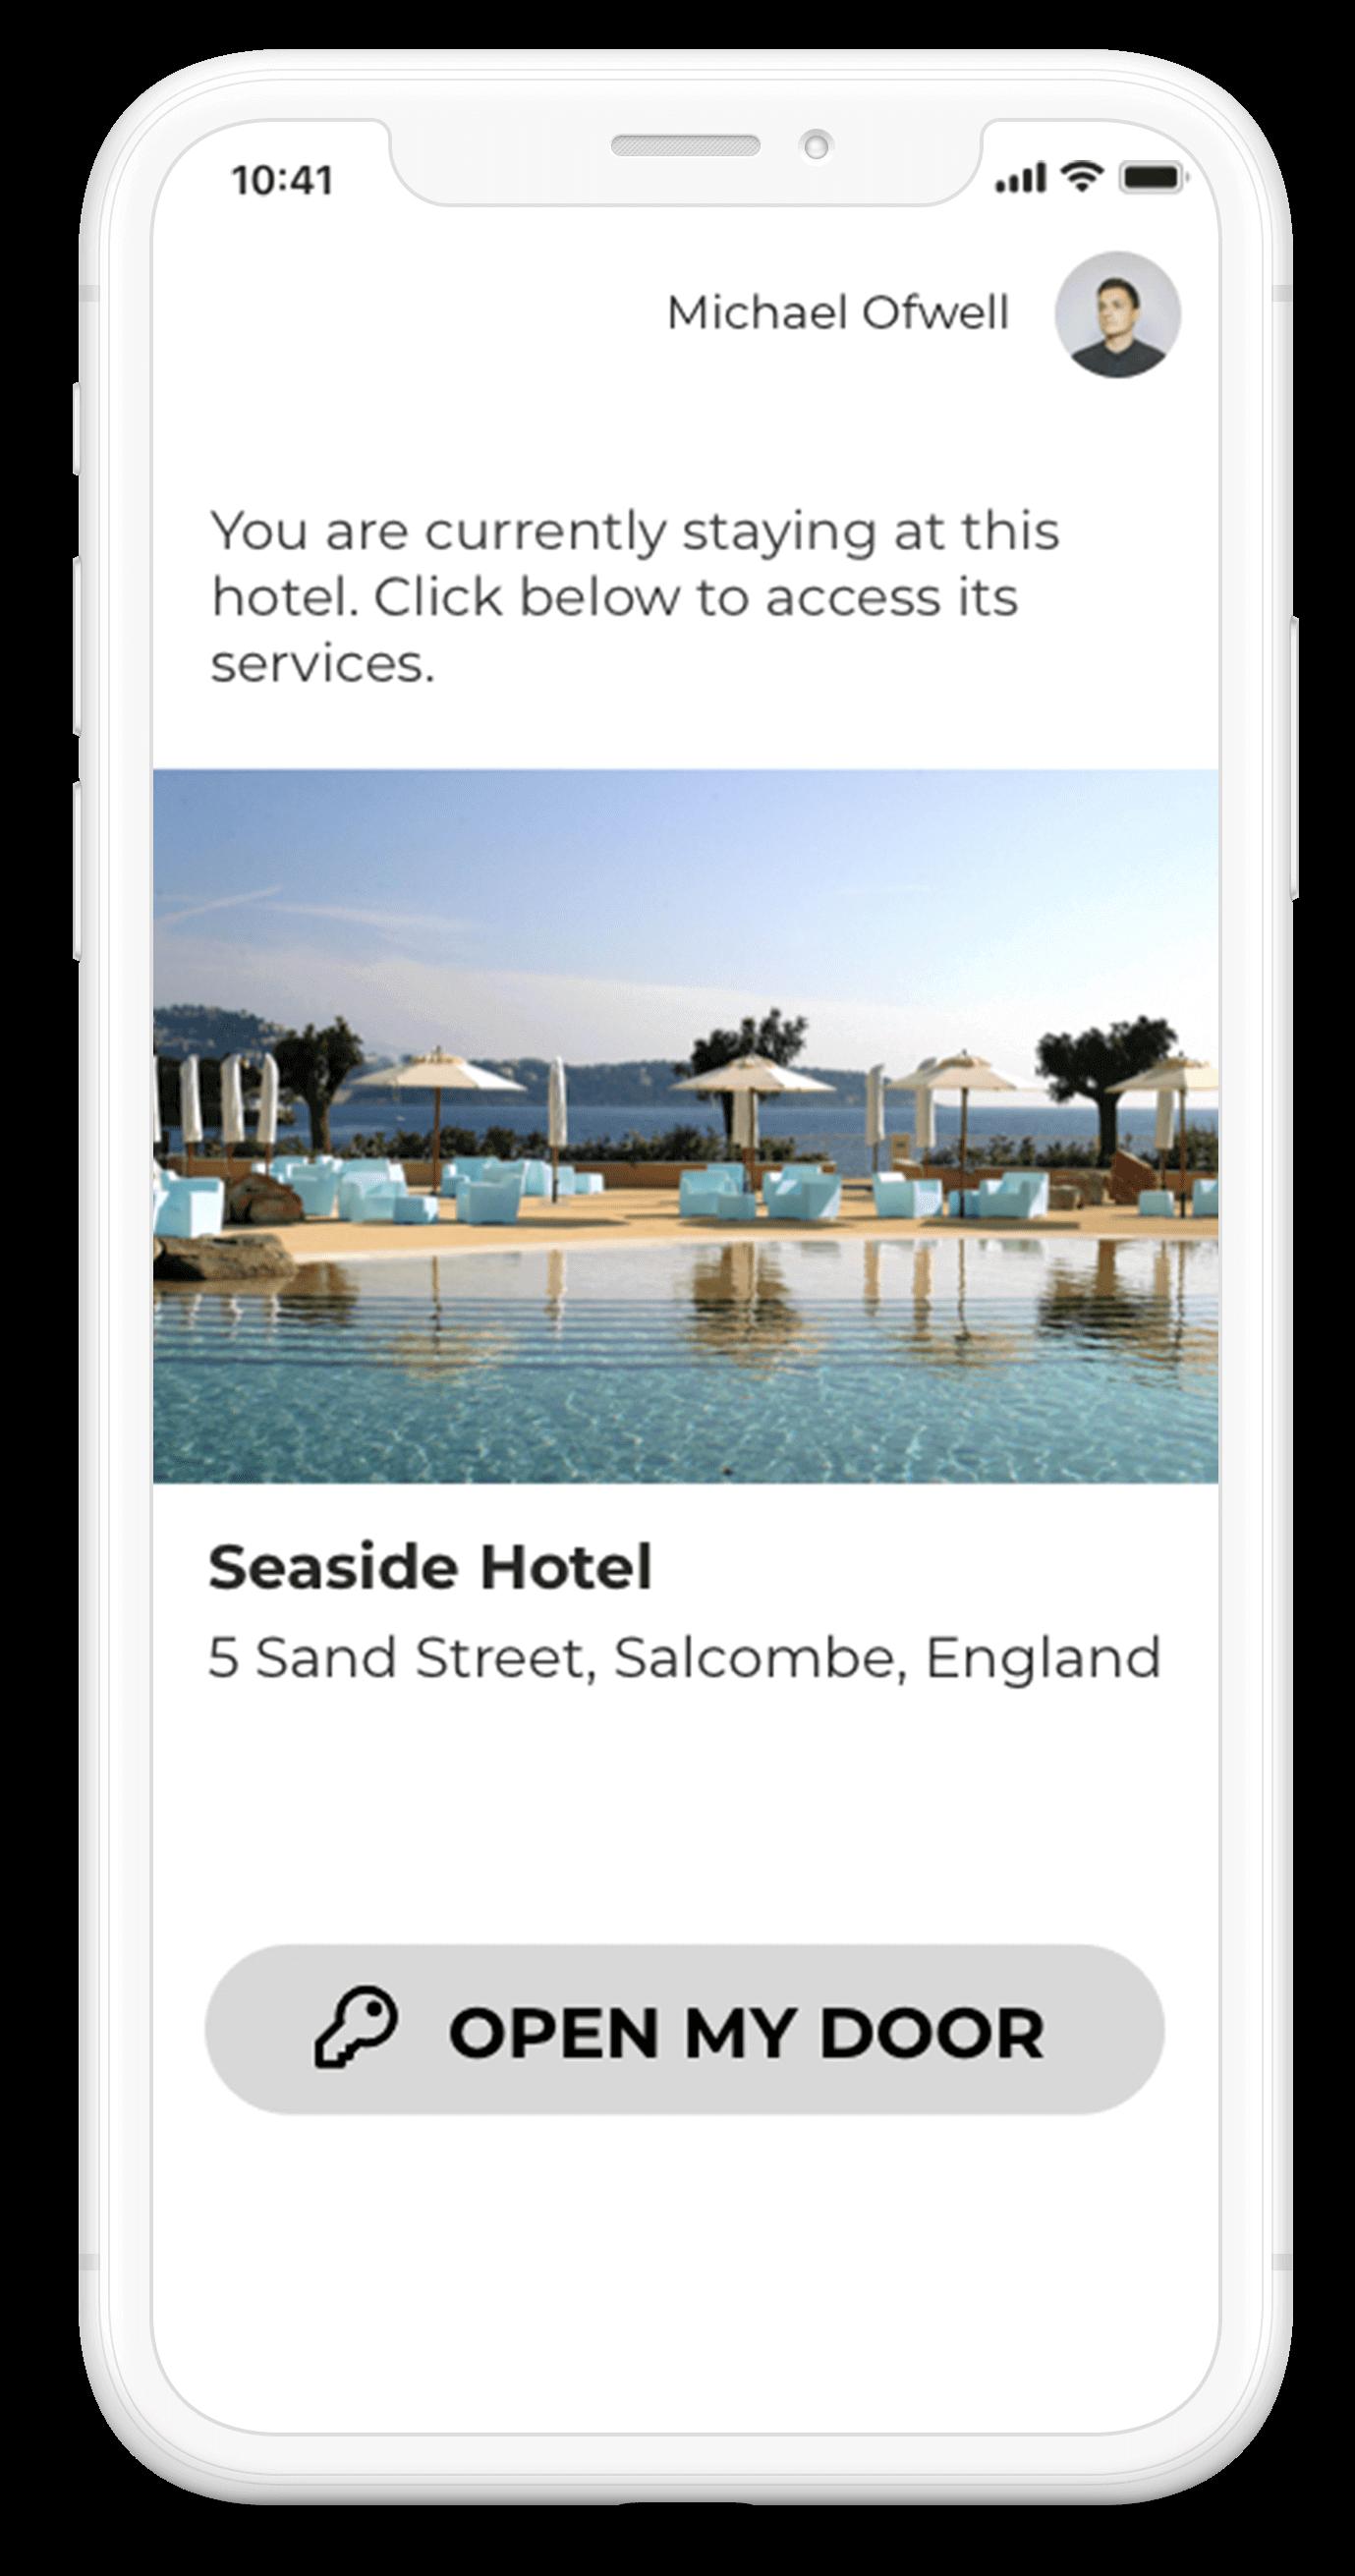 mobile key clé mobile loungeup ouverture porte hôtel